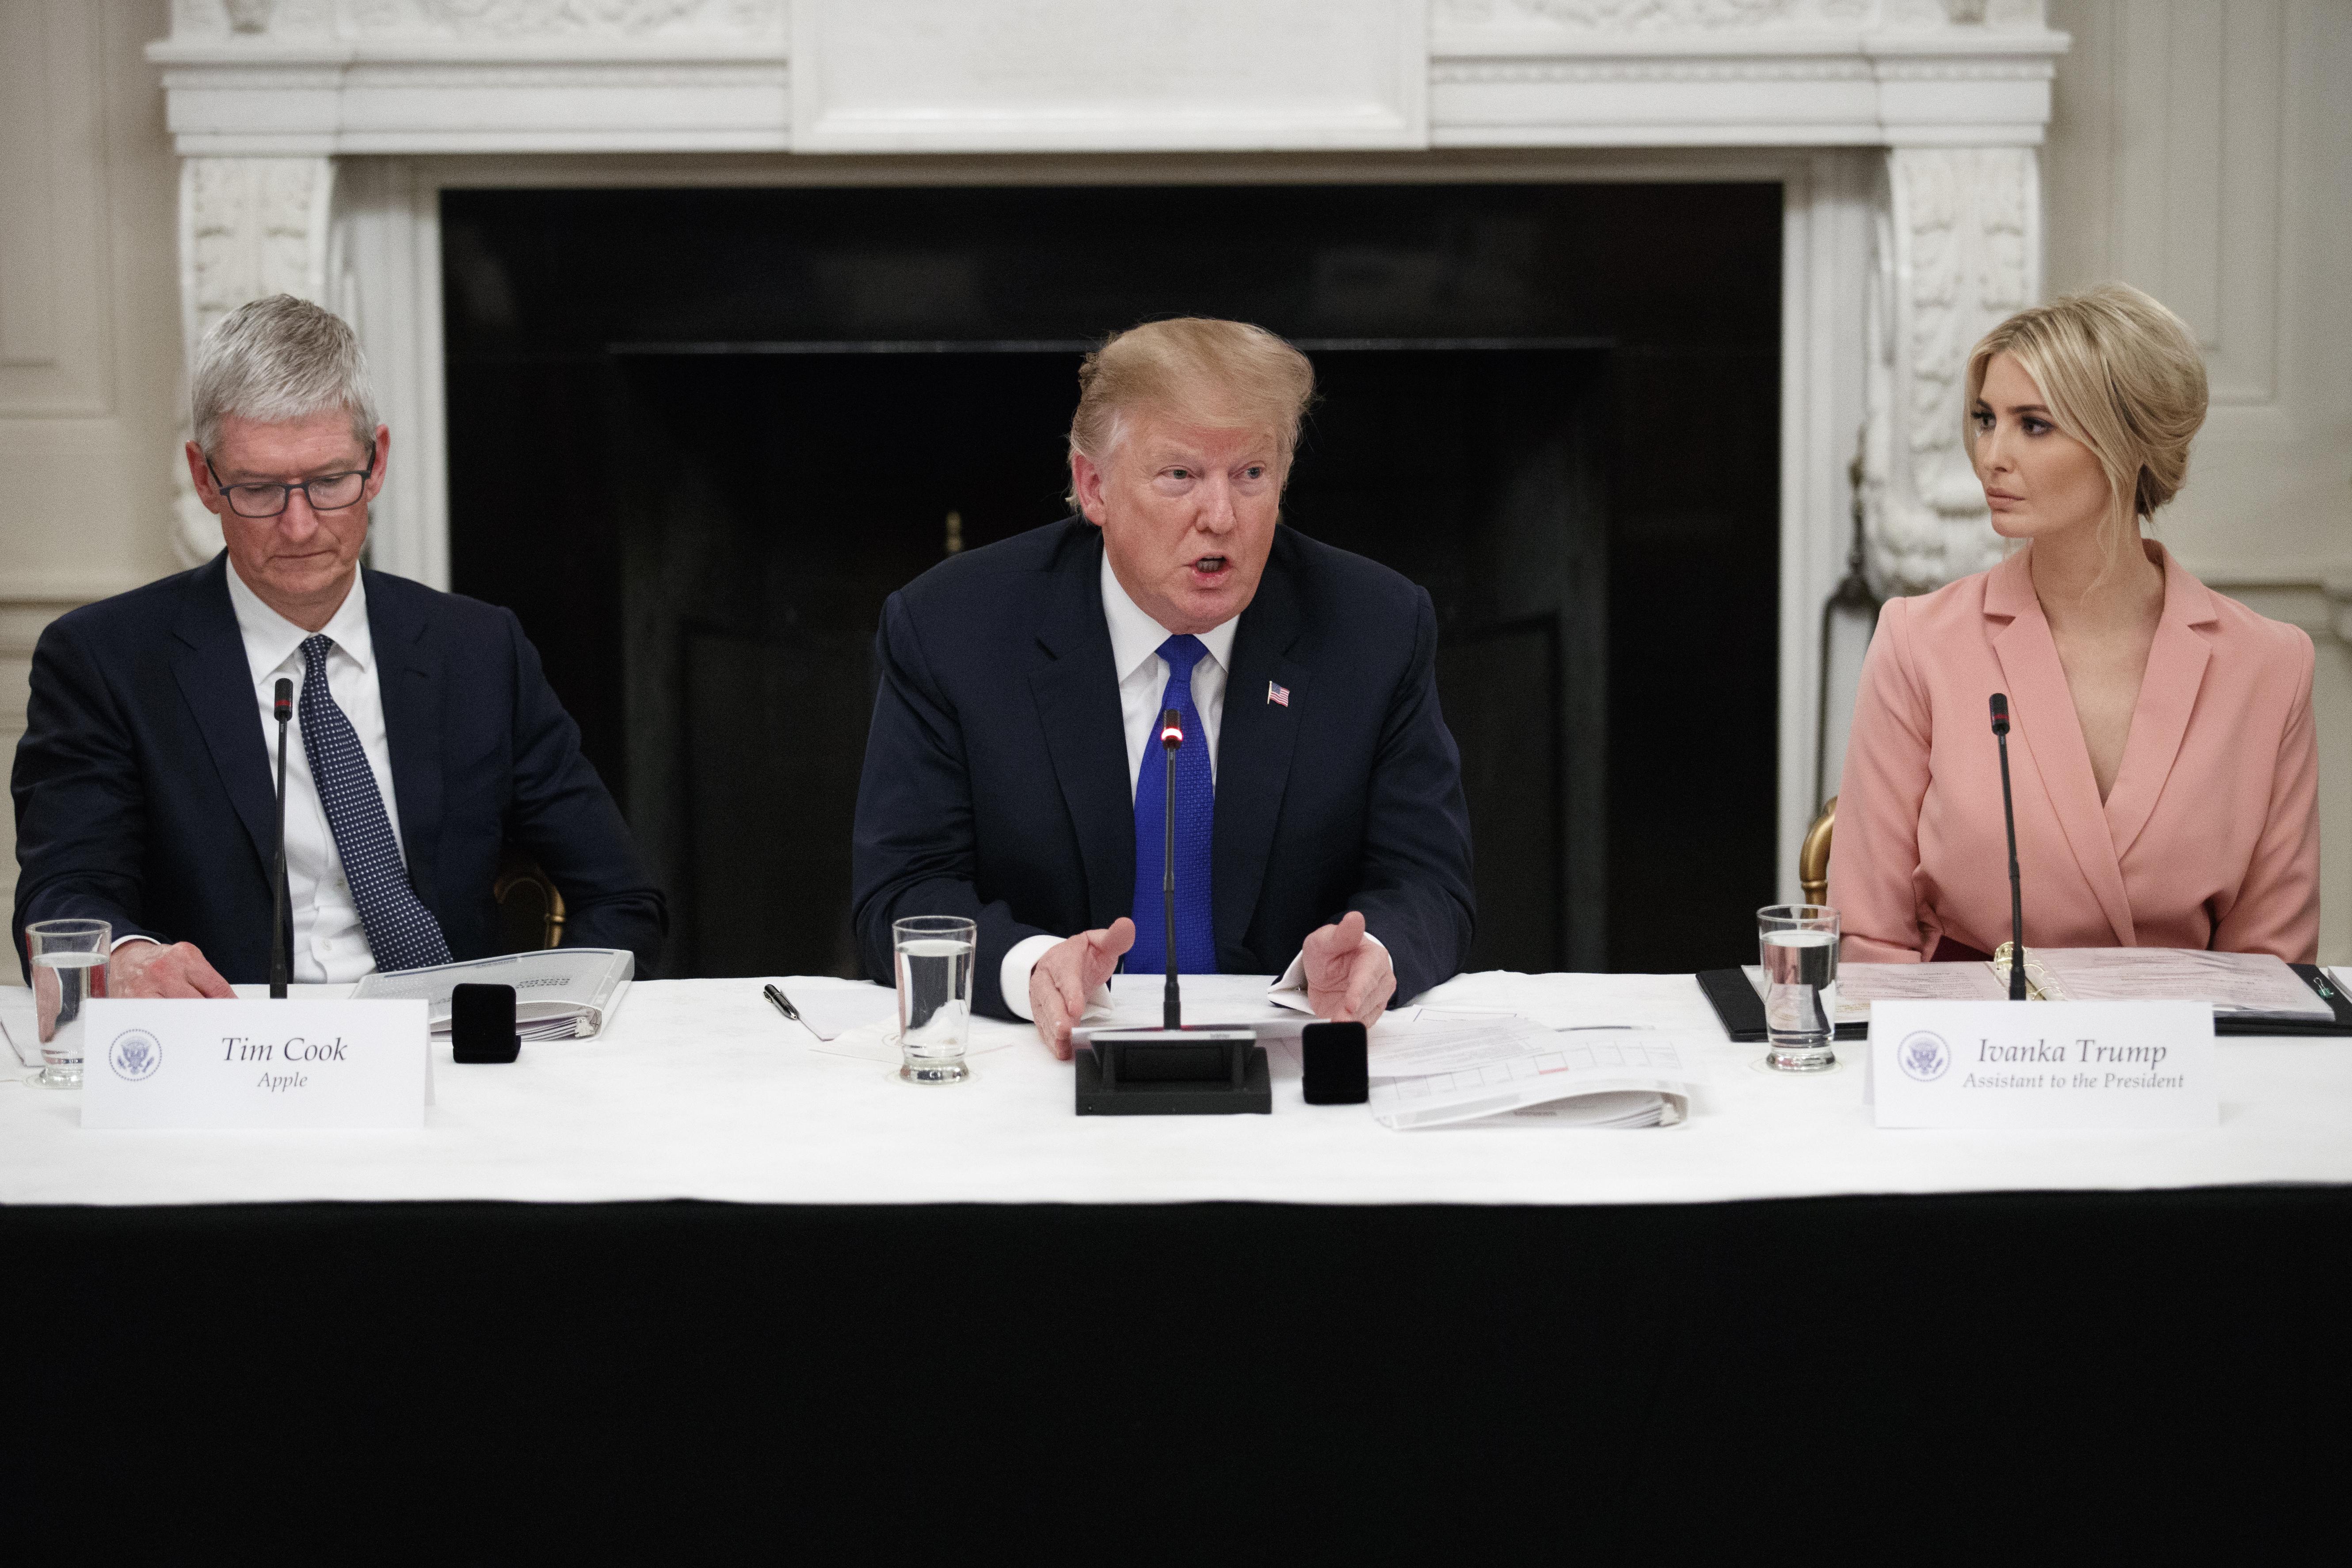 3月6日下午,特朗普總統主持在白宮舉行的「美國勞動力政策諮詢委員會」,坐在其右側的是蘋果首席執行官庫克(Tim Cook),左側為其長女伊萬卡(Ivanka Trump)。(Tom Brenner/Getty Images)